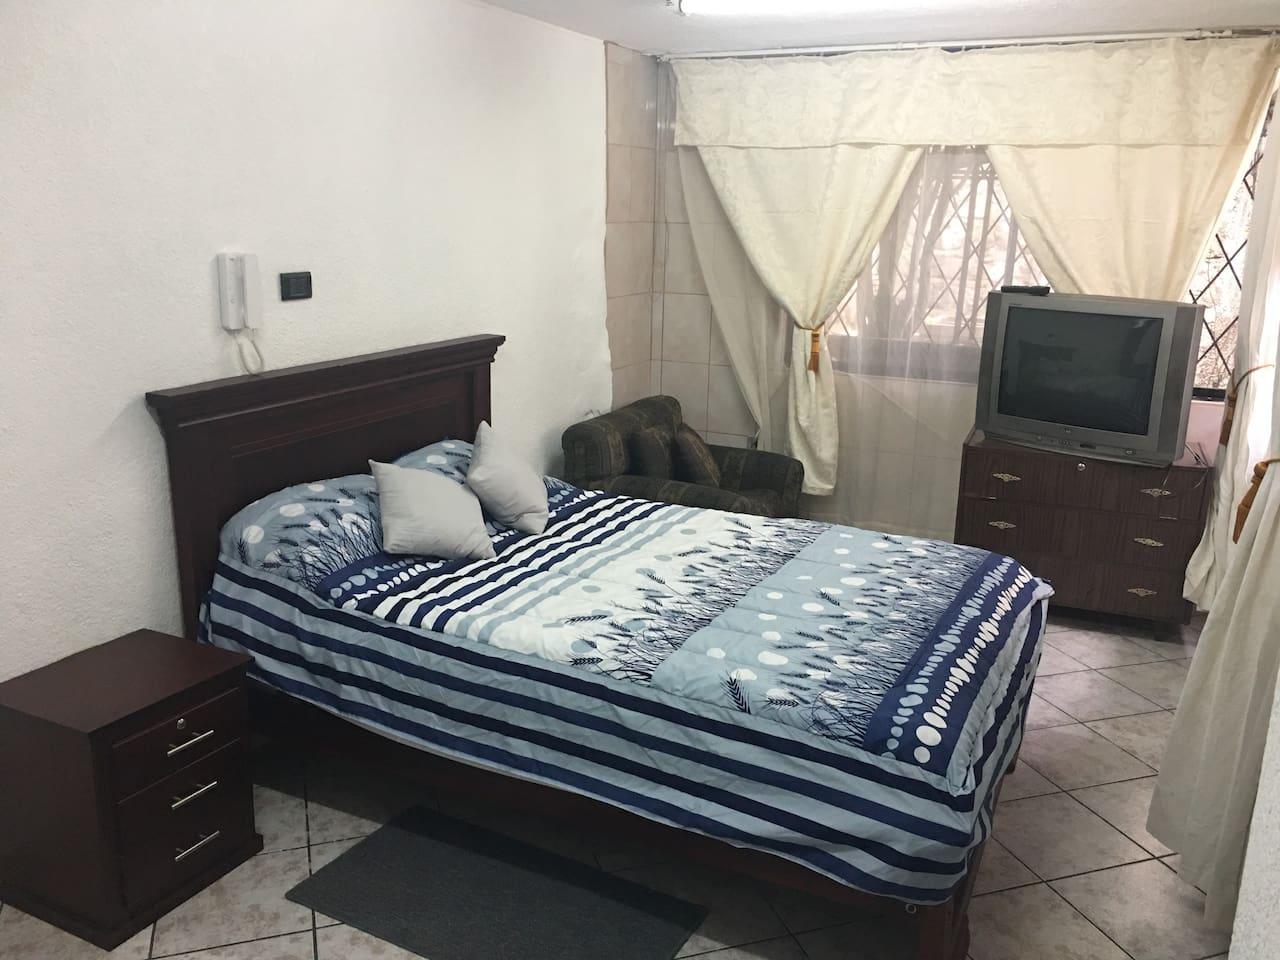 cama con velador, cajonera y televisión